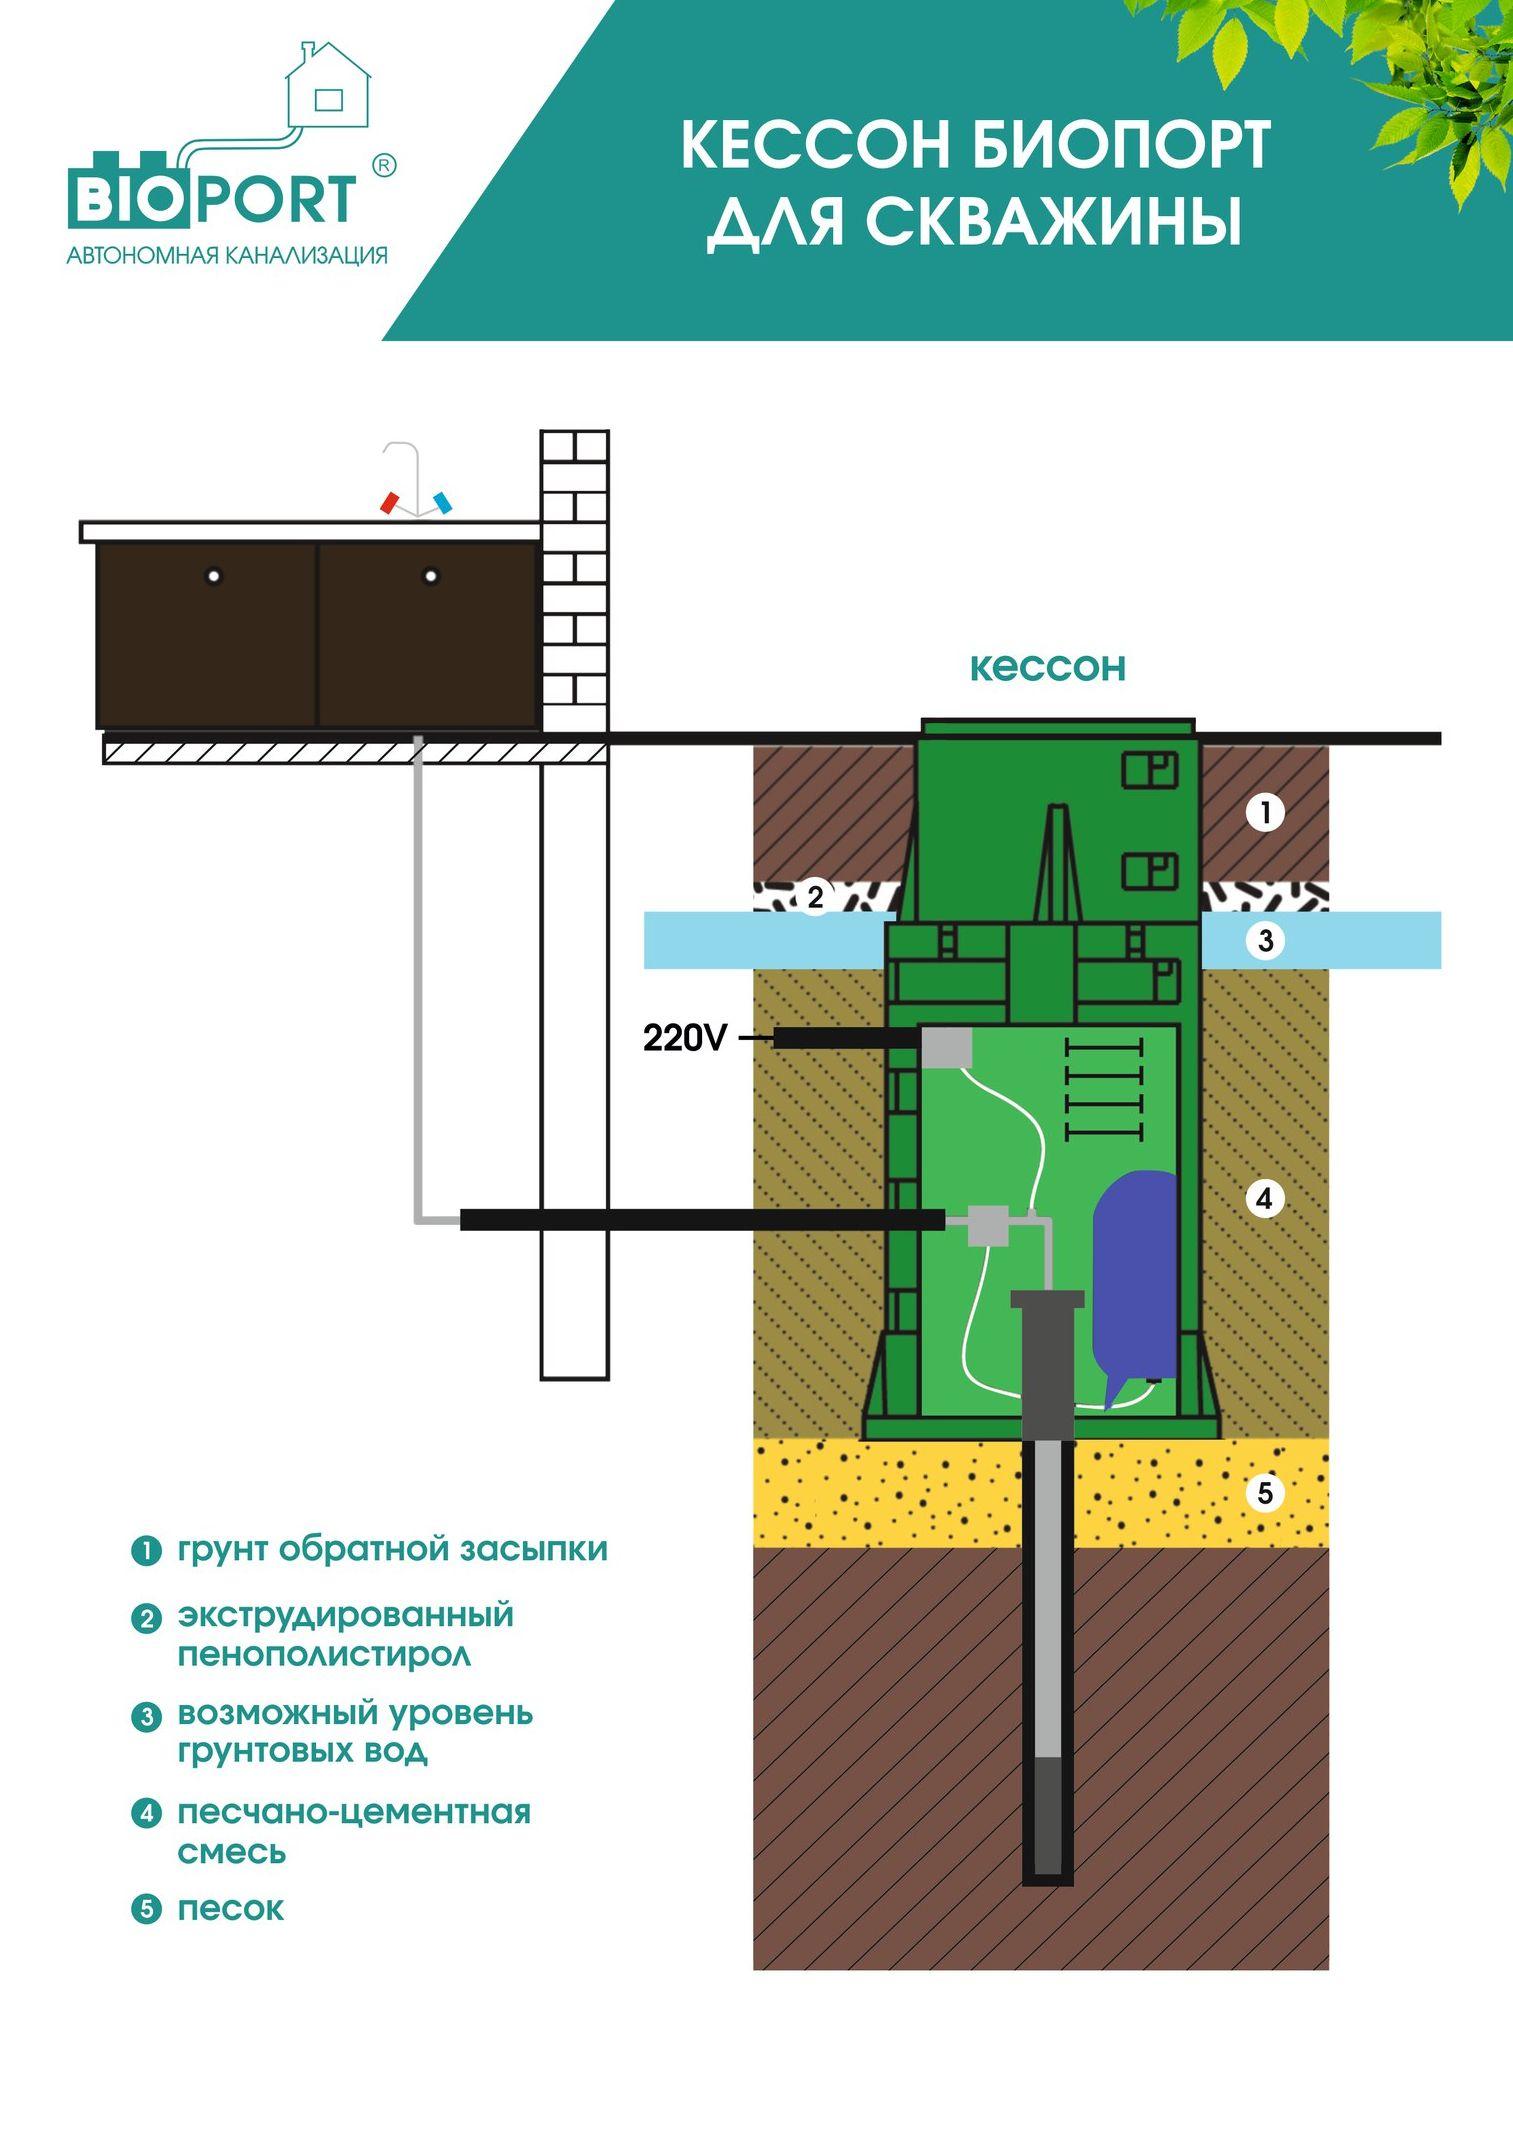 Схема работы кессона Биопорт